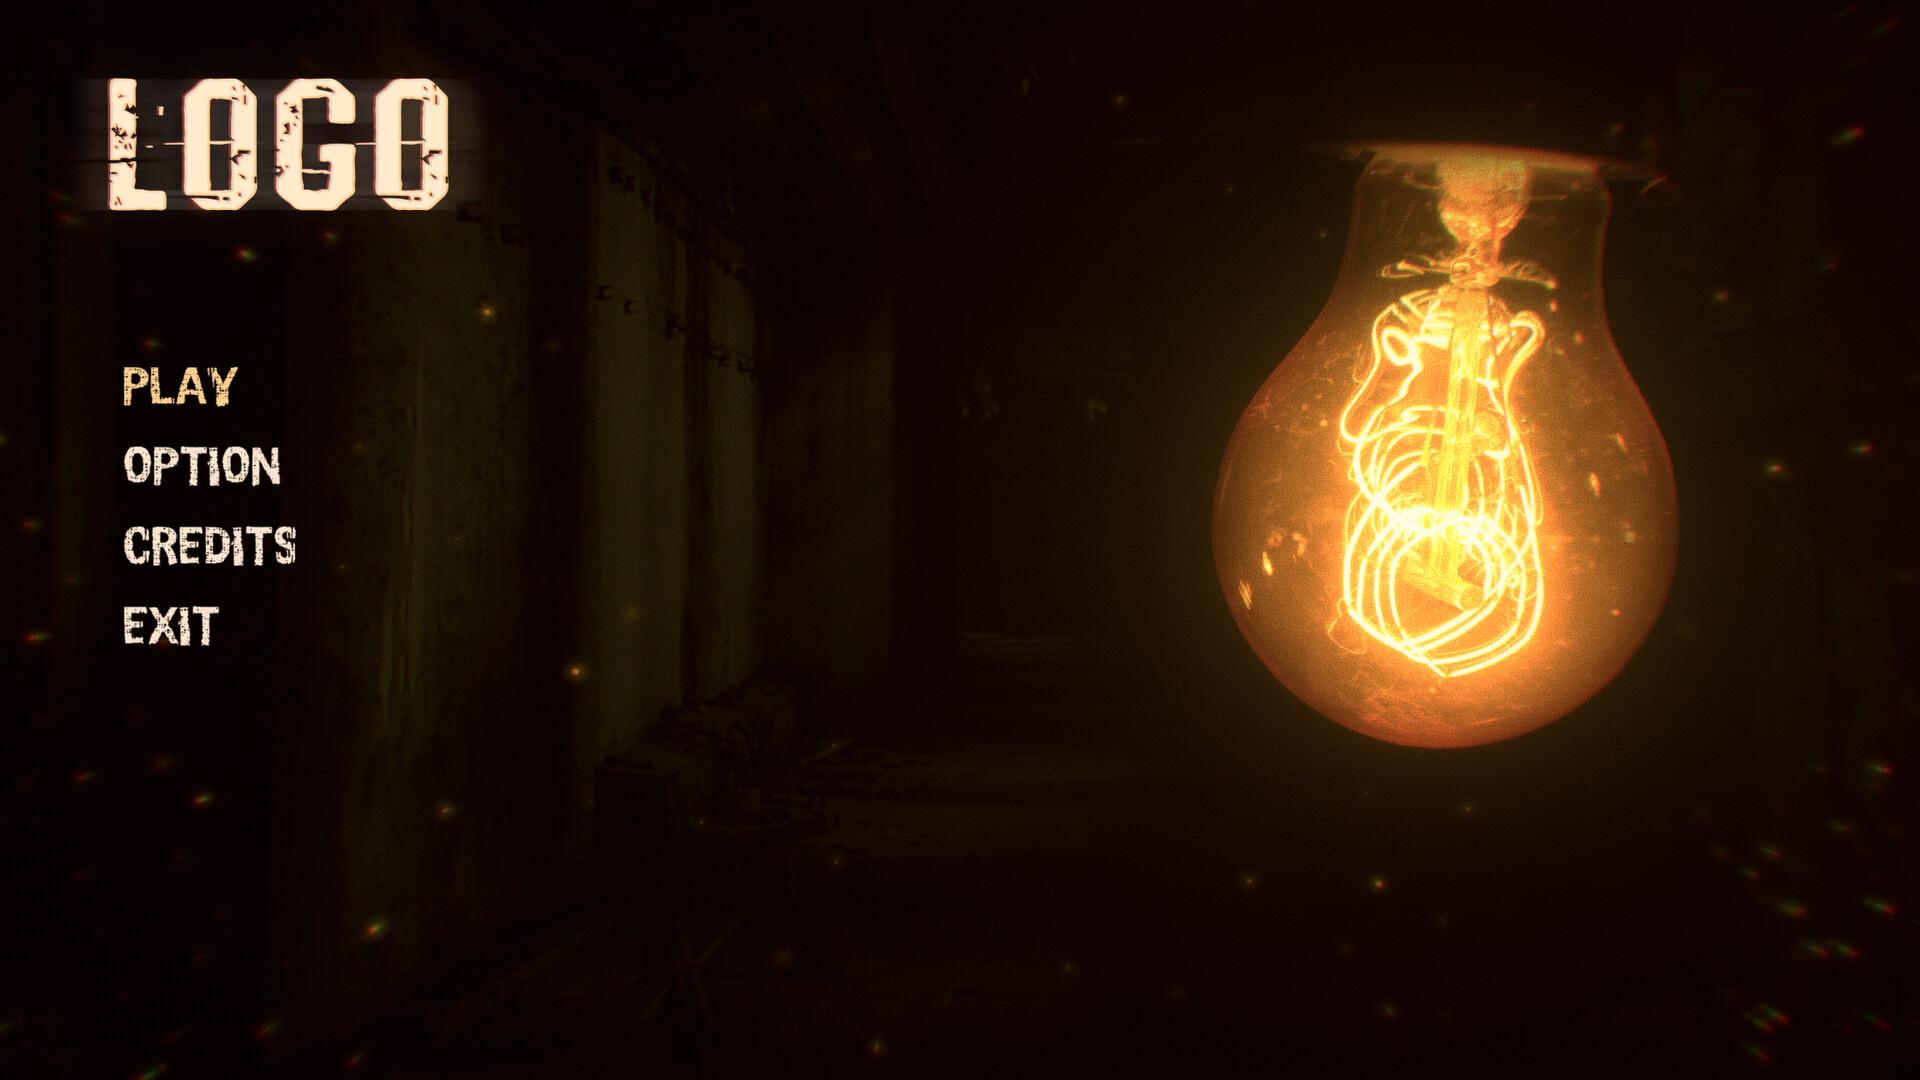 ArtStation - Unity - Horror Game Menu, Alexander Prudko